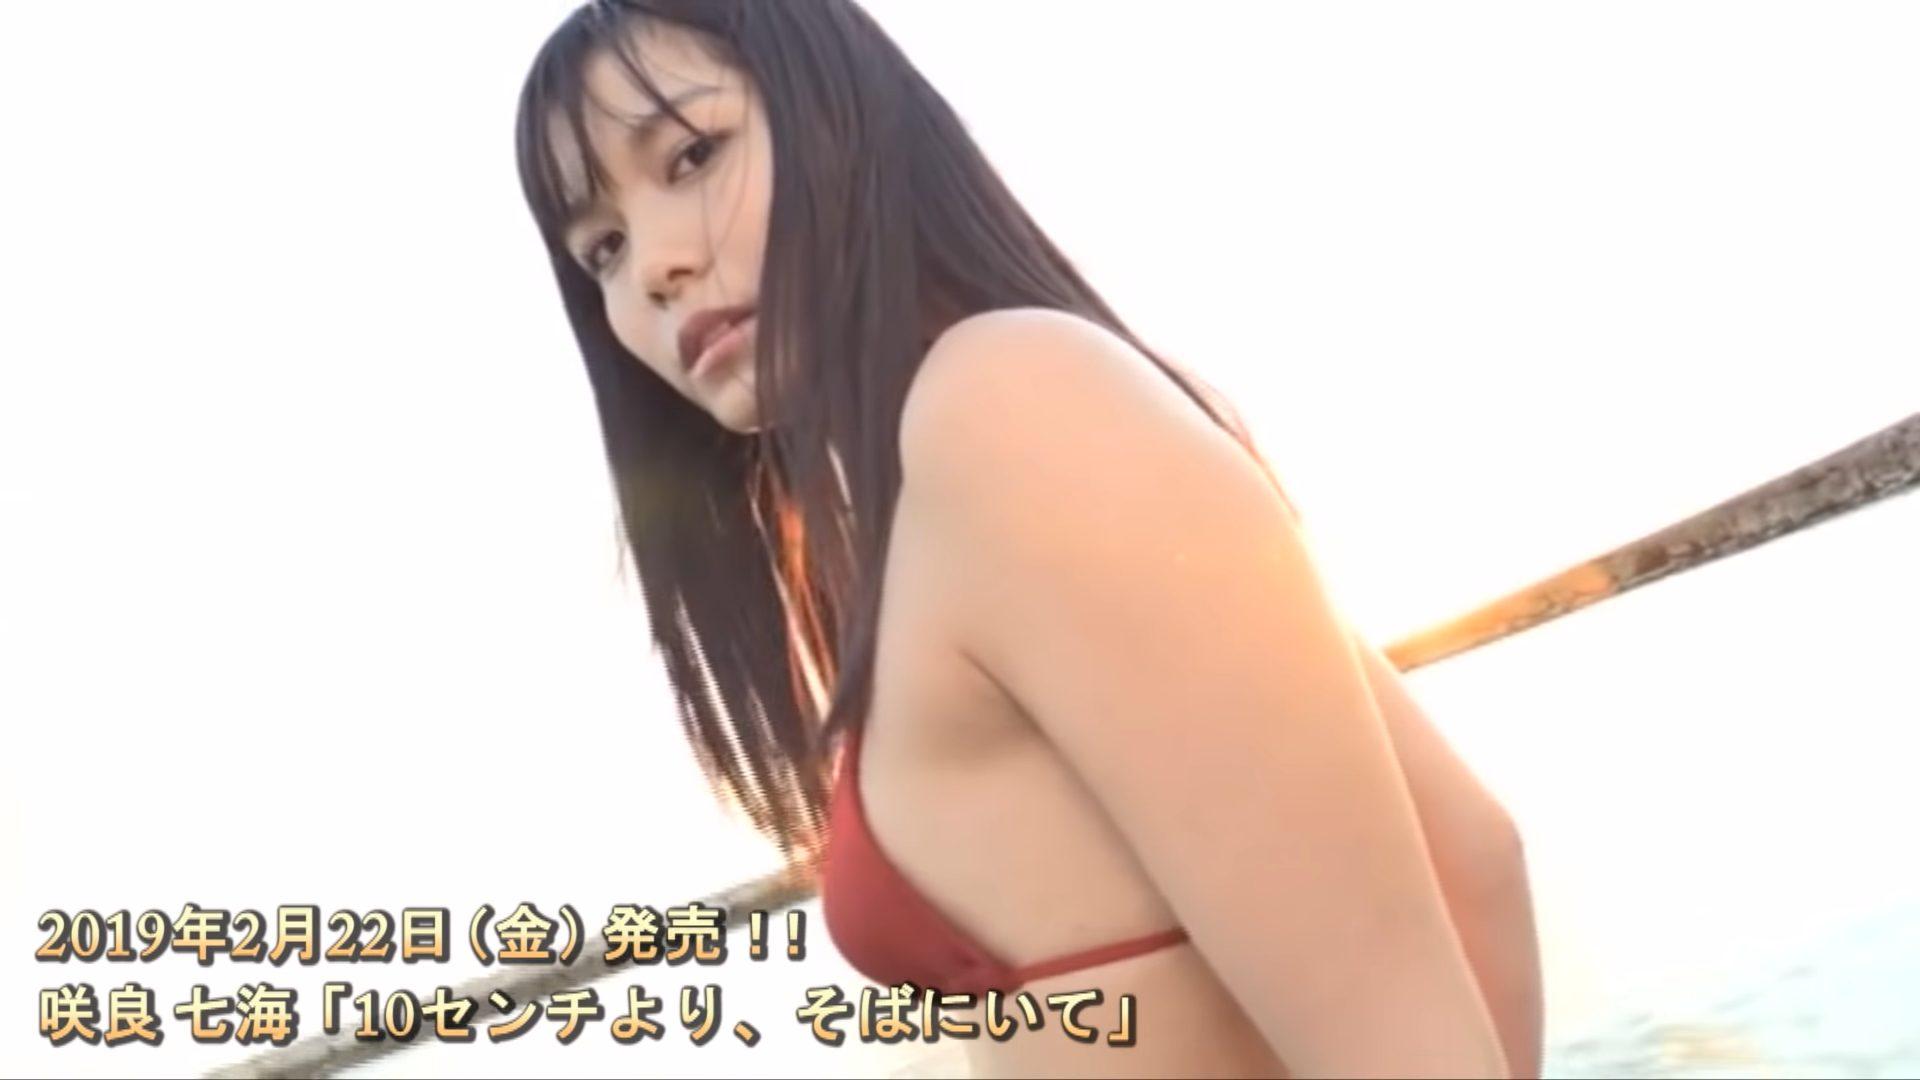 【朝日ななみ(咲良七海)】Fカップ 「10センチより、そばにいて」サンプル動画